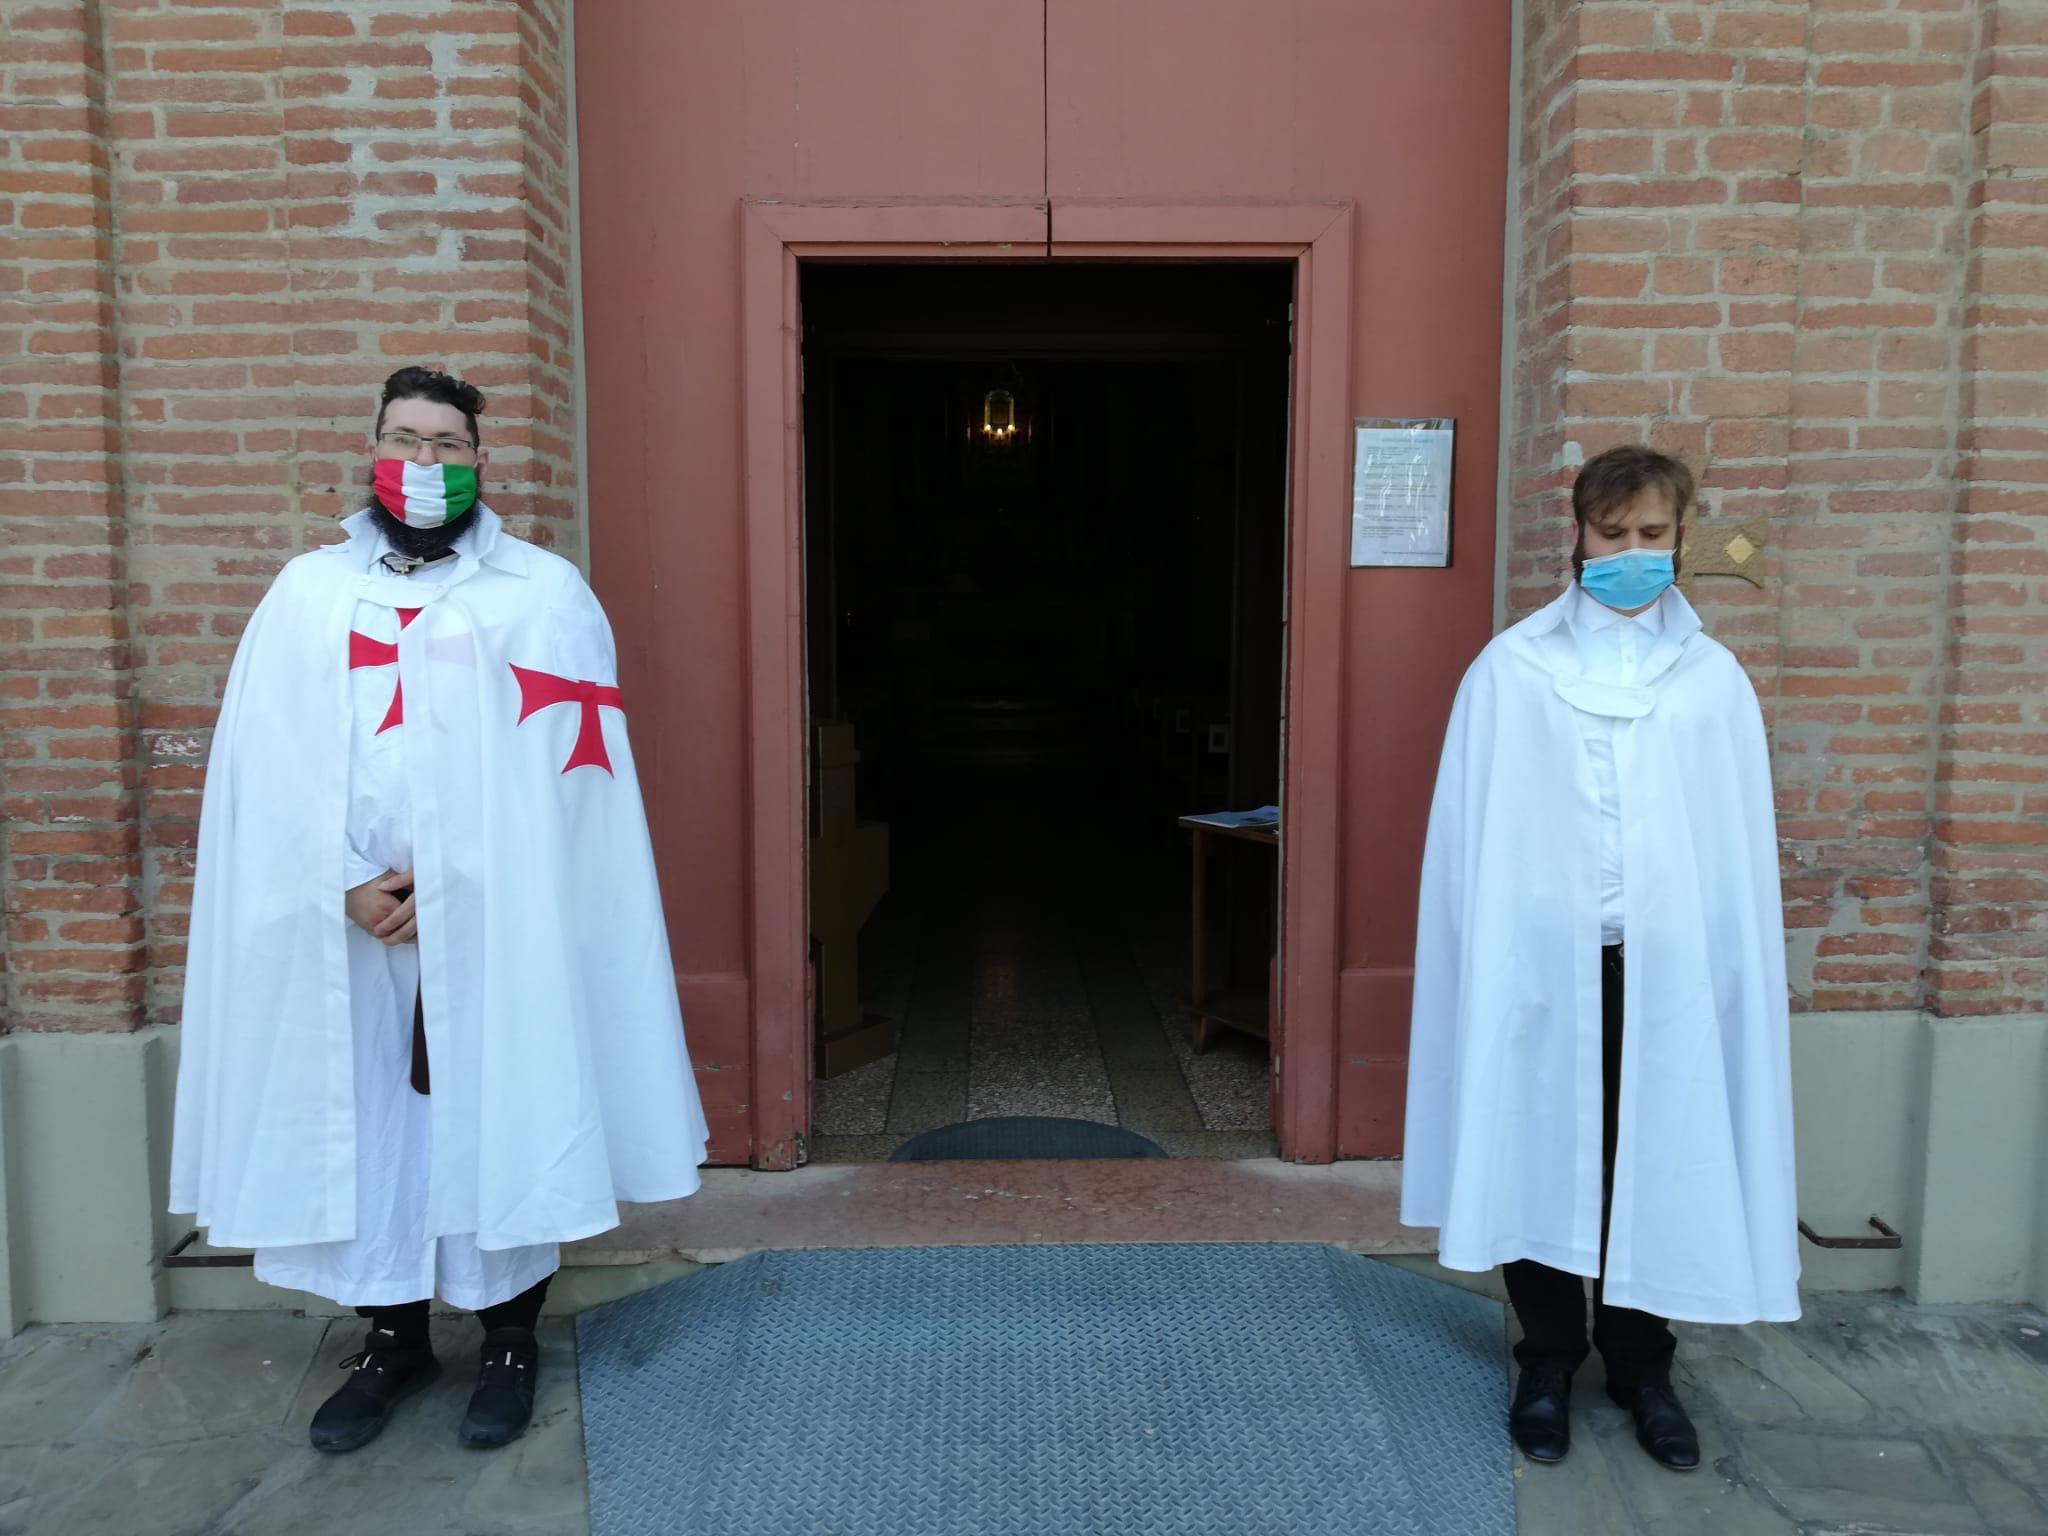 Turno di custodia Chiesa di Pontesanto Imola